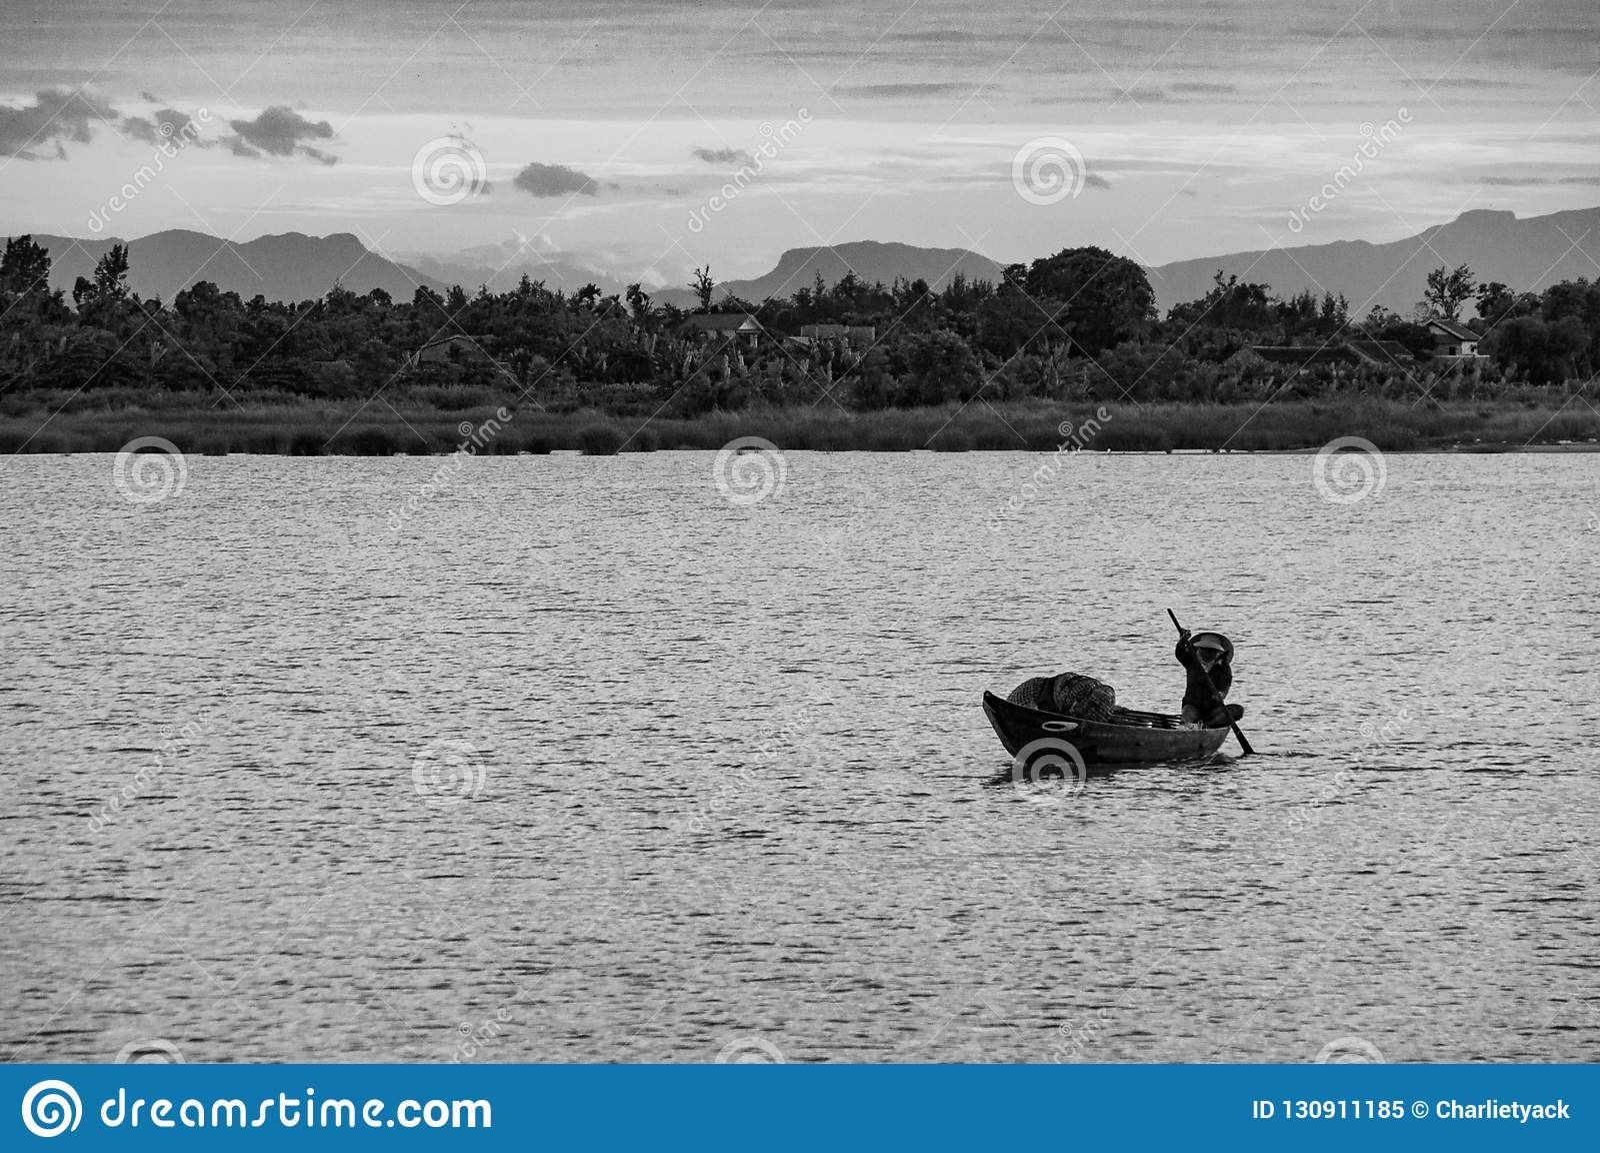 Pescador tradicional Silhouette en una barca en Vietnam, Indochina, Asia